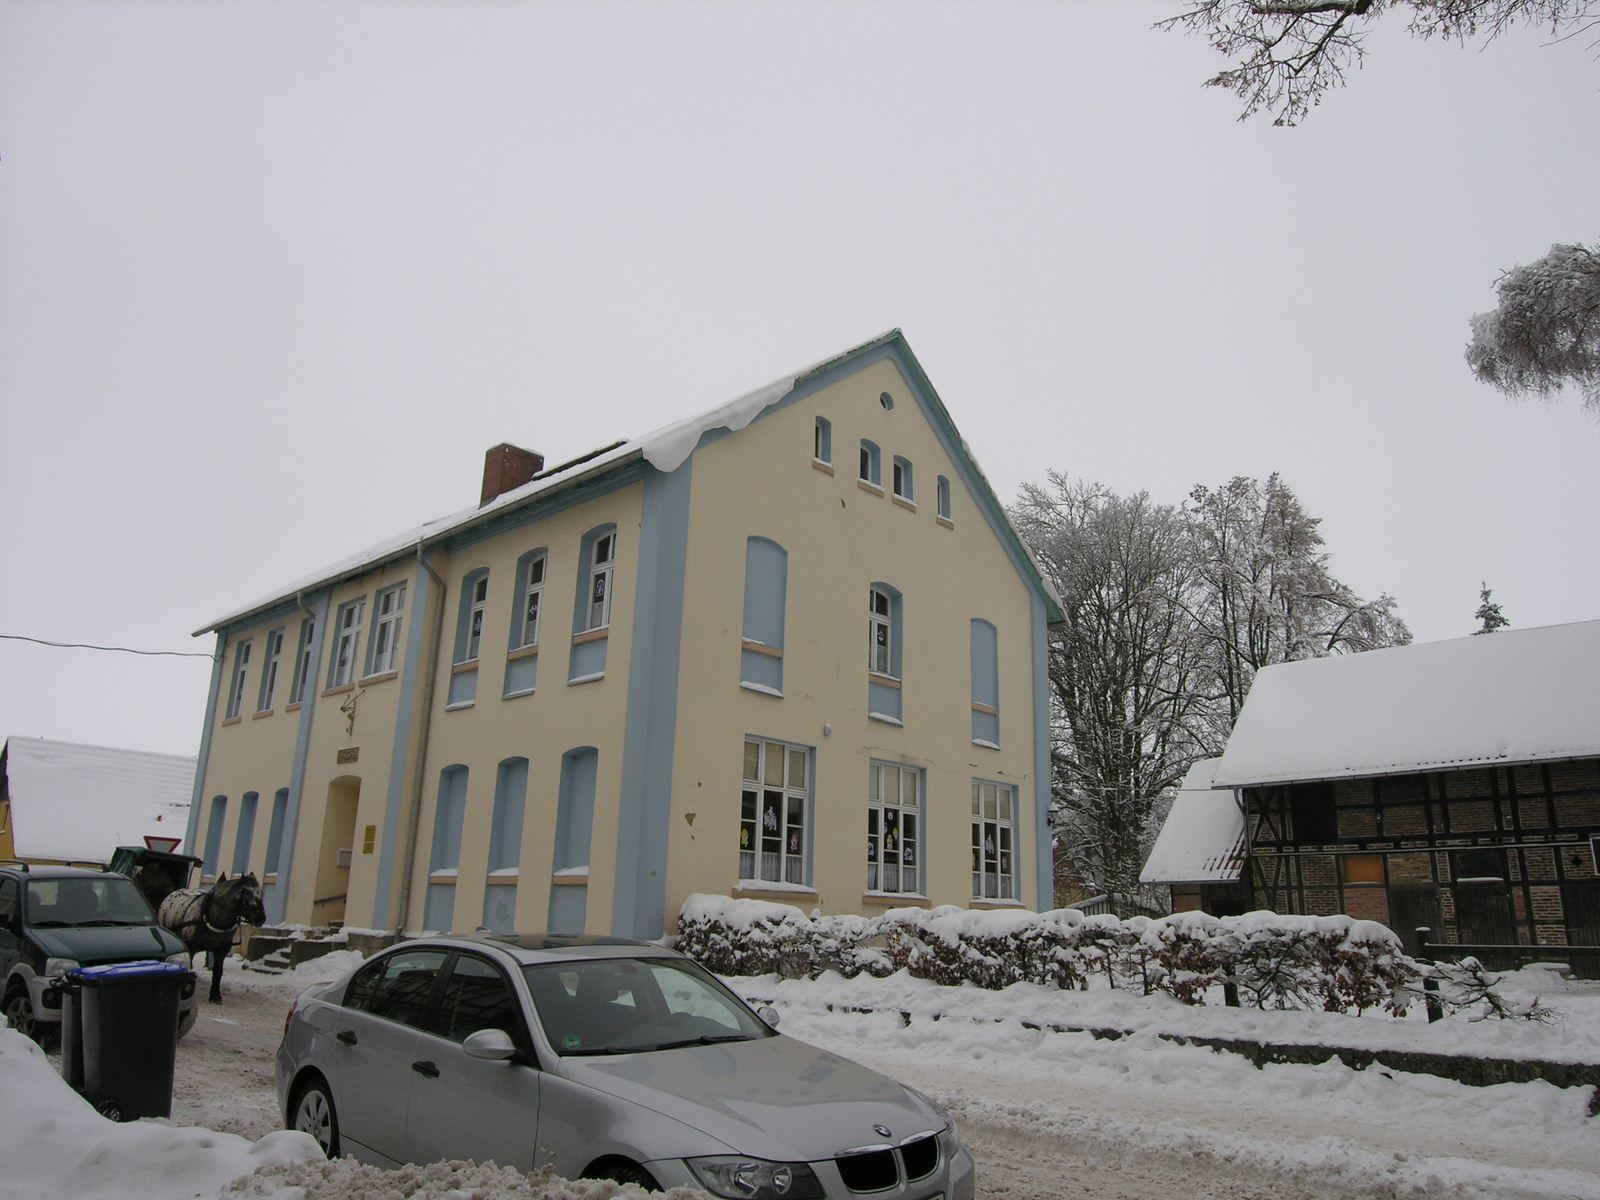 Bauplanung Im Harz Brandschutzsanierung 2 Kopie